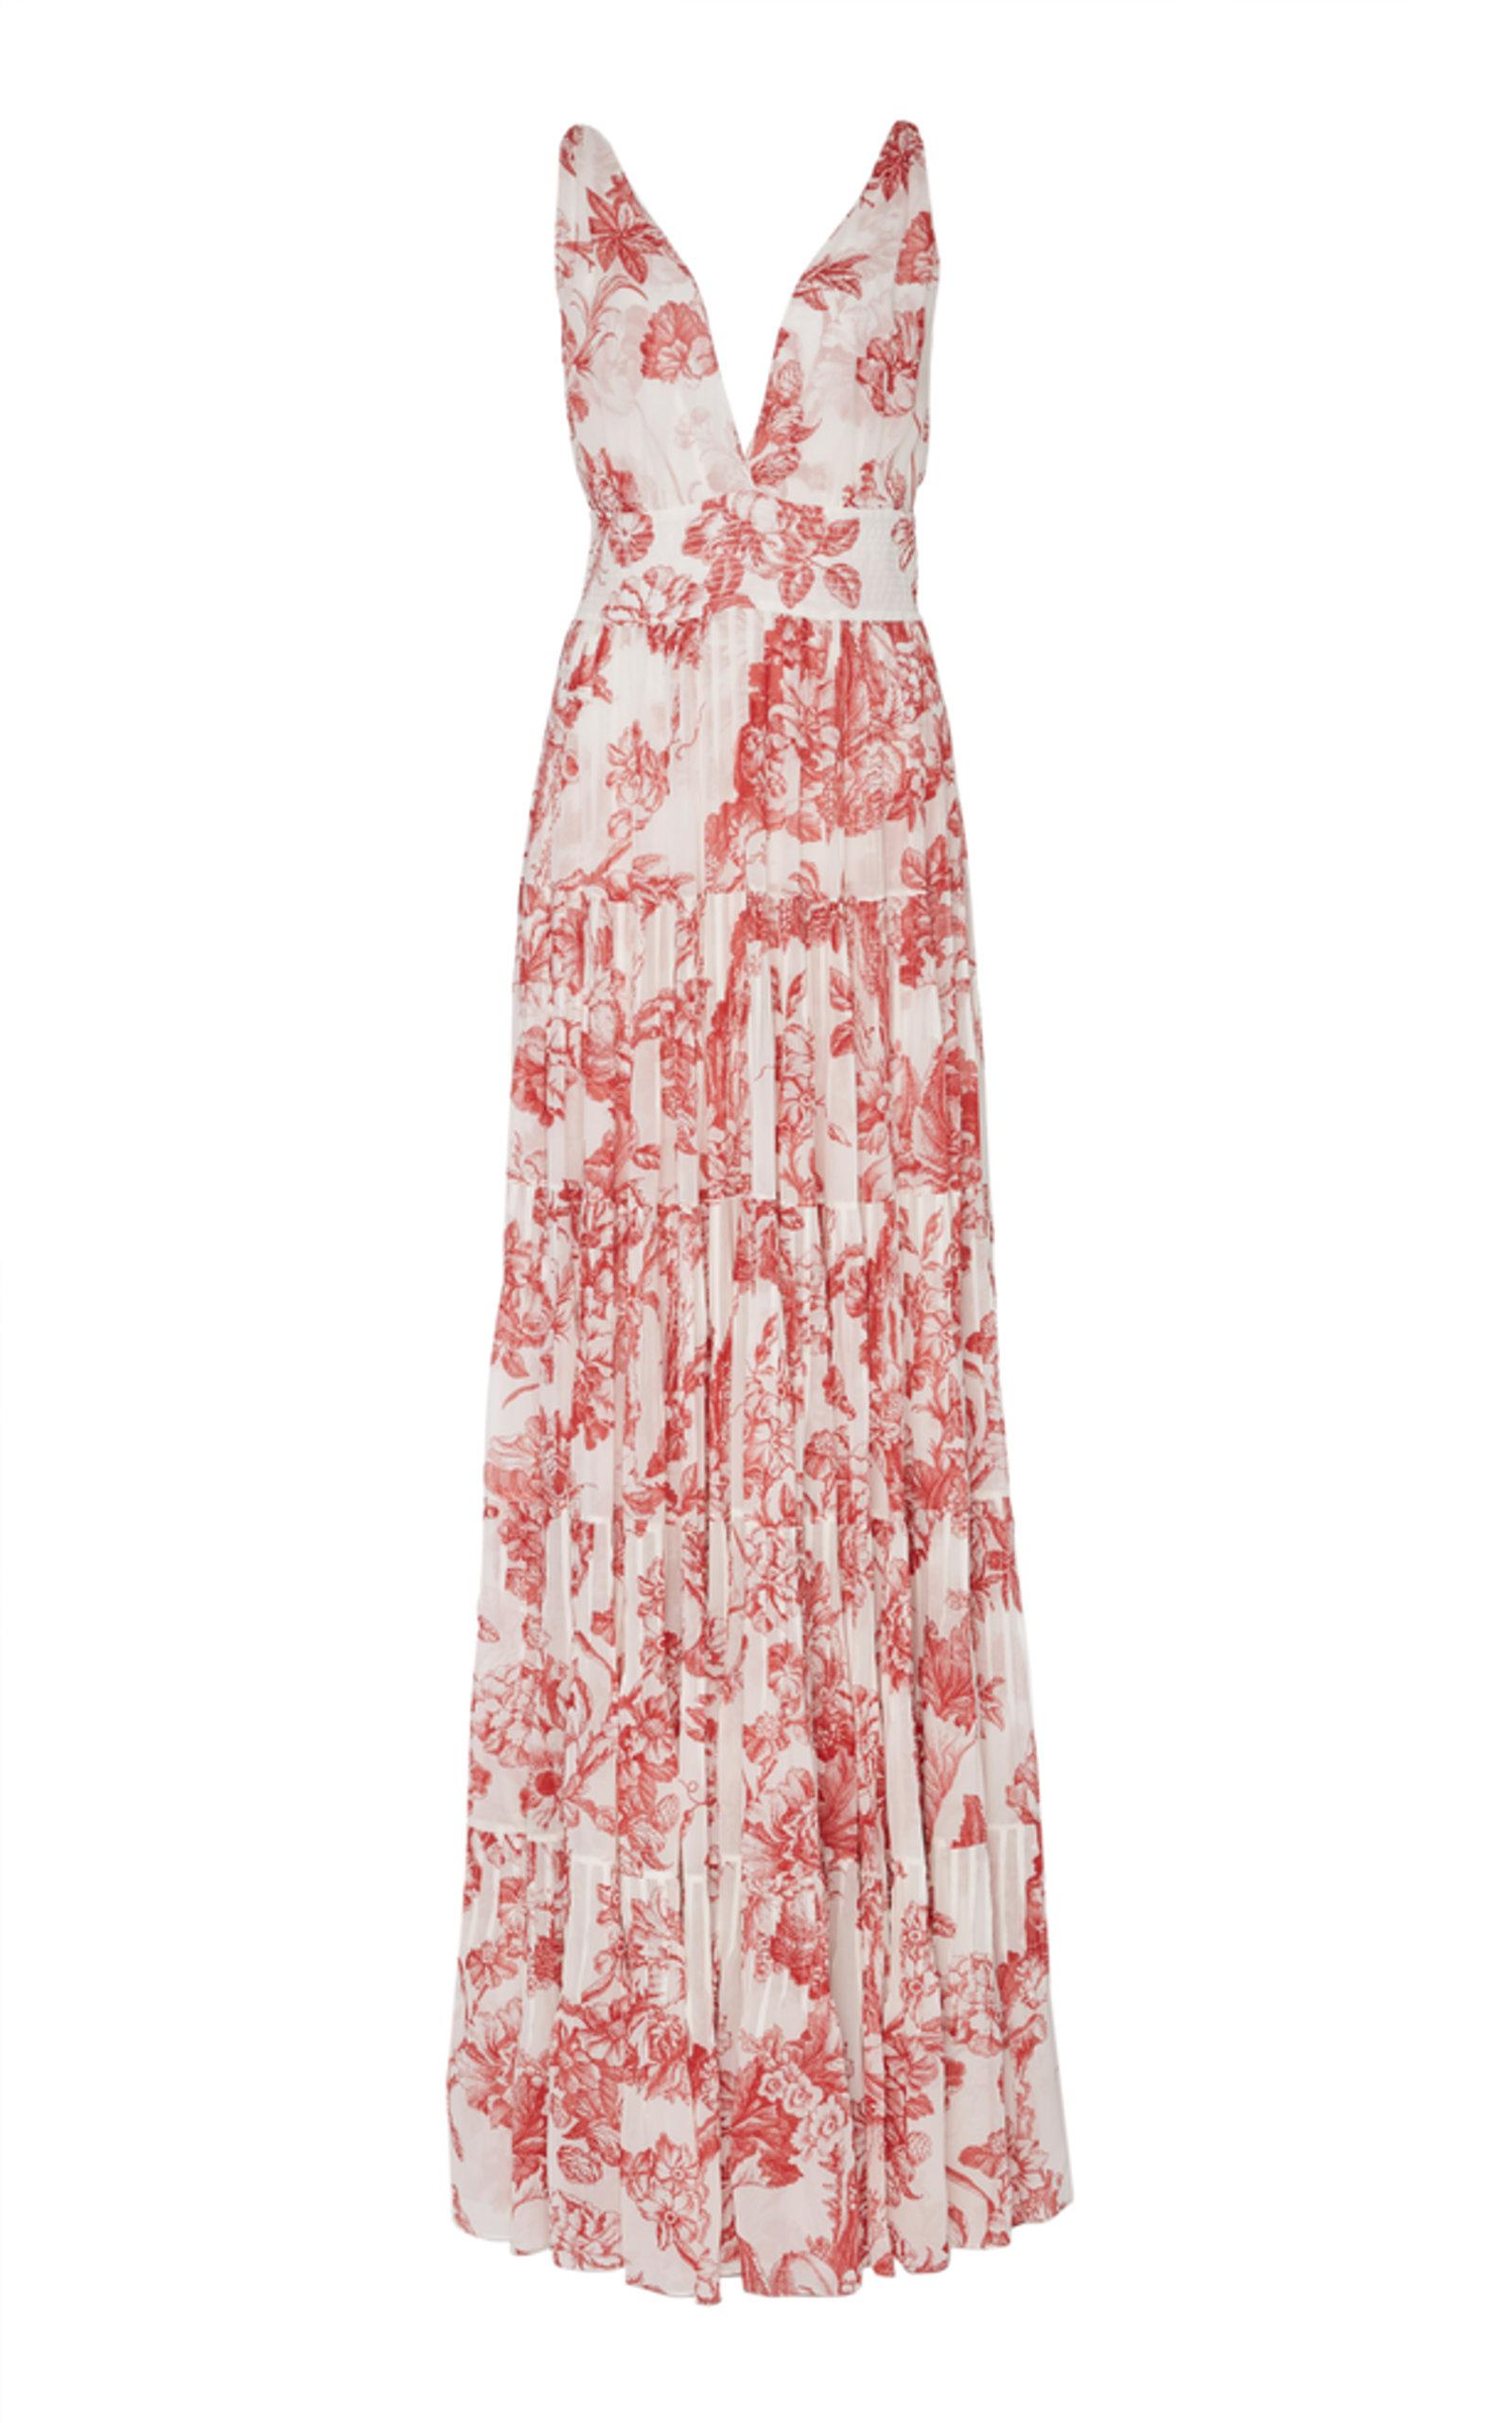 90336436d1fe4 Oscar de la Renta Floral Silk Maxi Dress